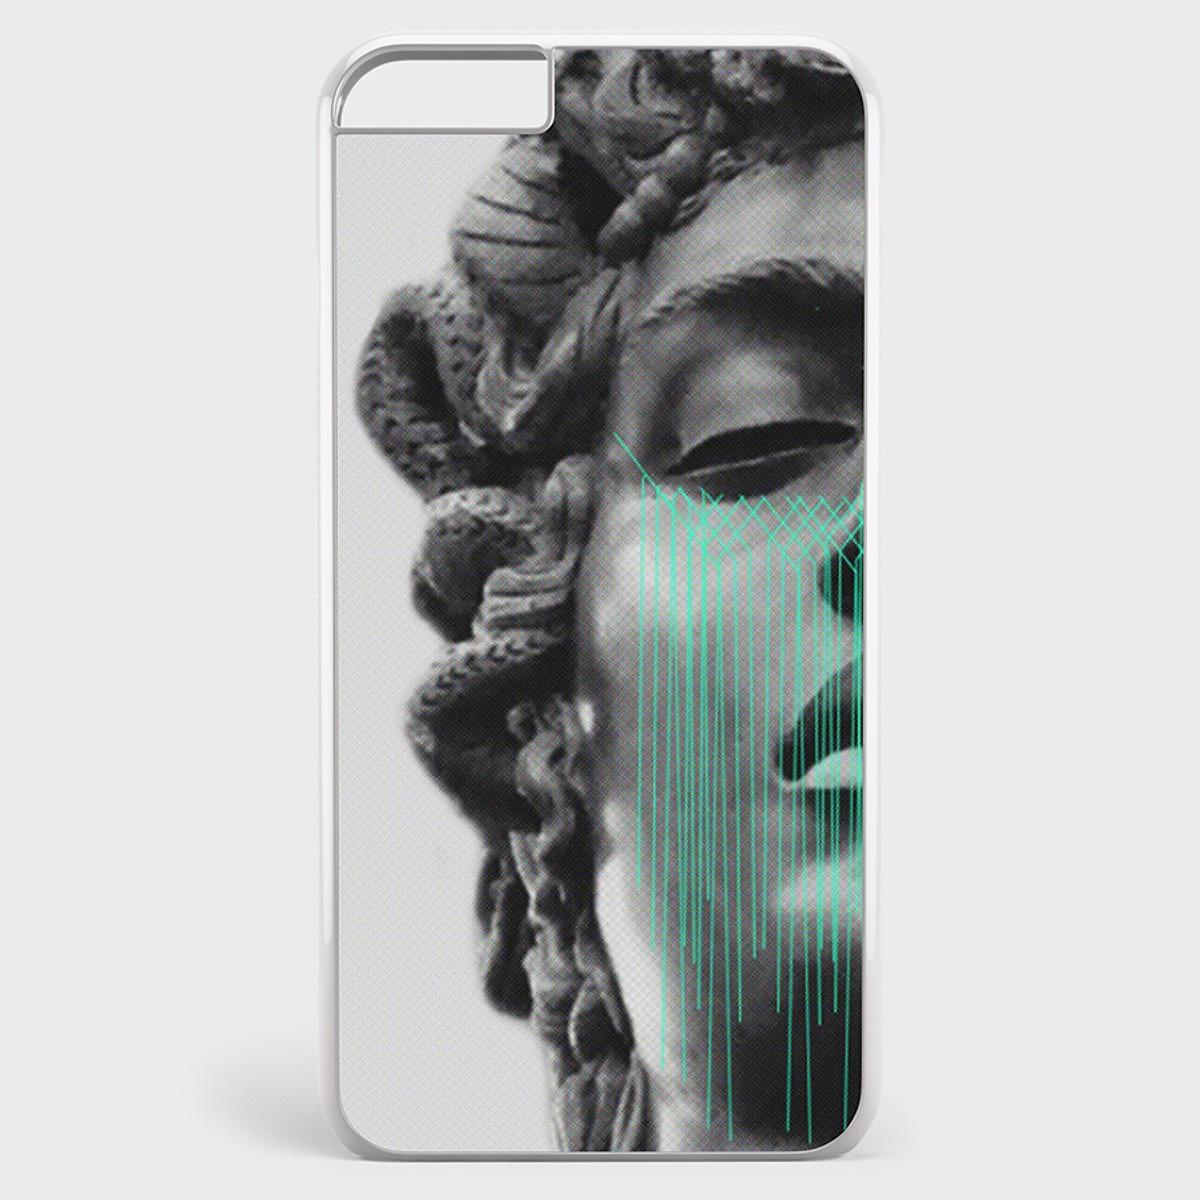 Ốp Lưng Dẻo Dành Cho Iphone 7 Plus In Hình Art Print 40